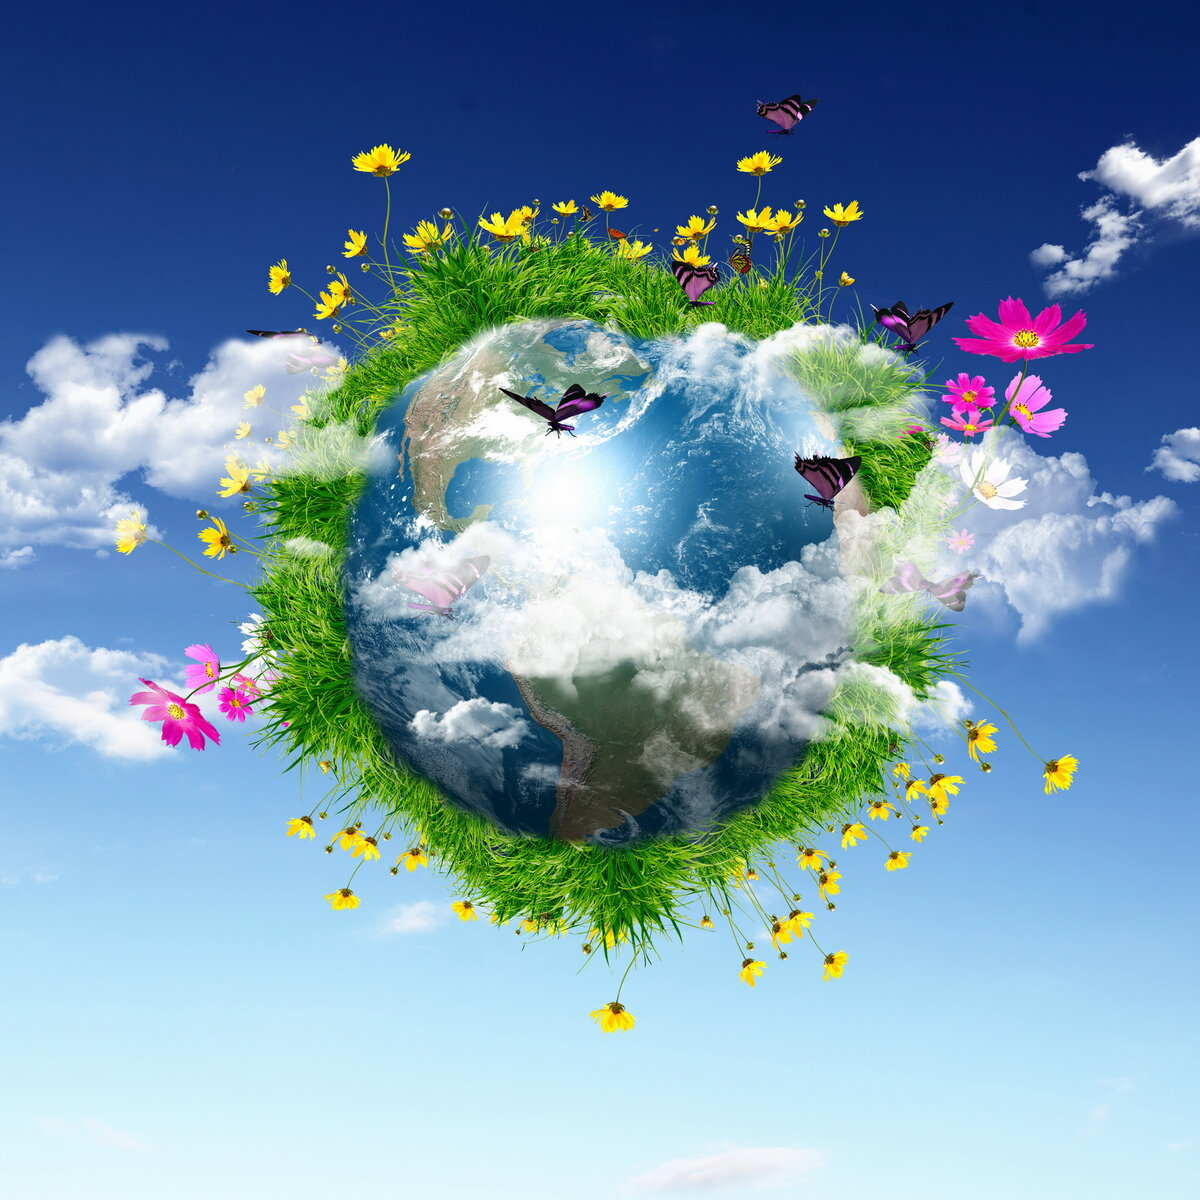 Открытки с любовью к миру, медовым спасом